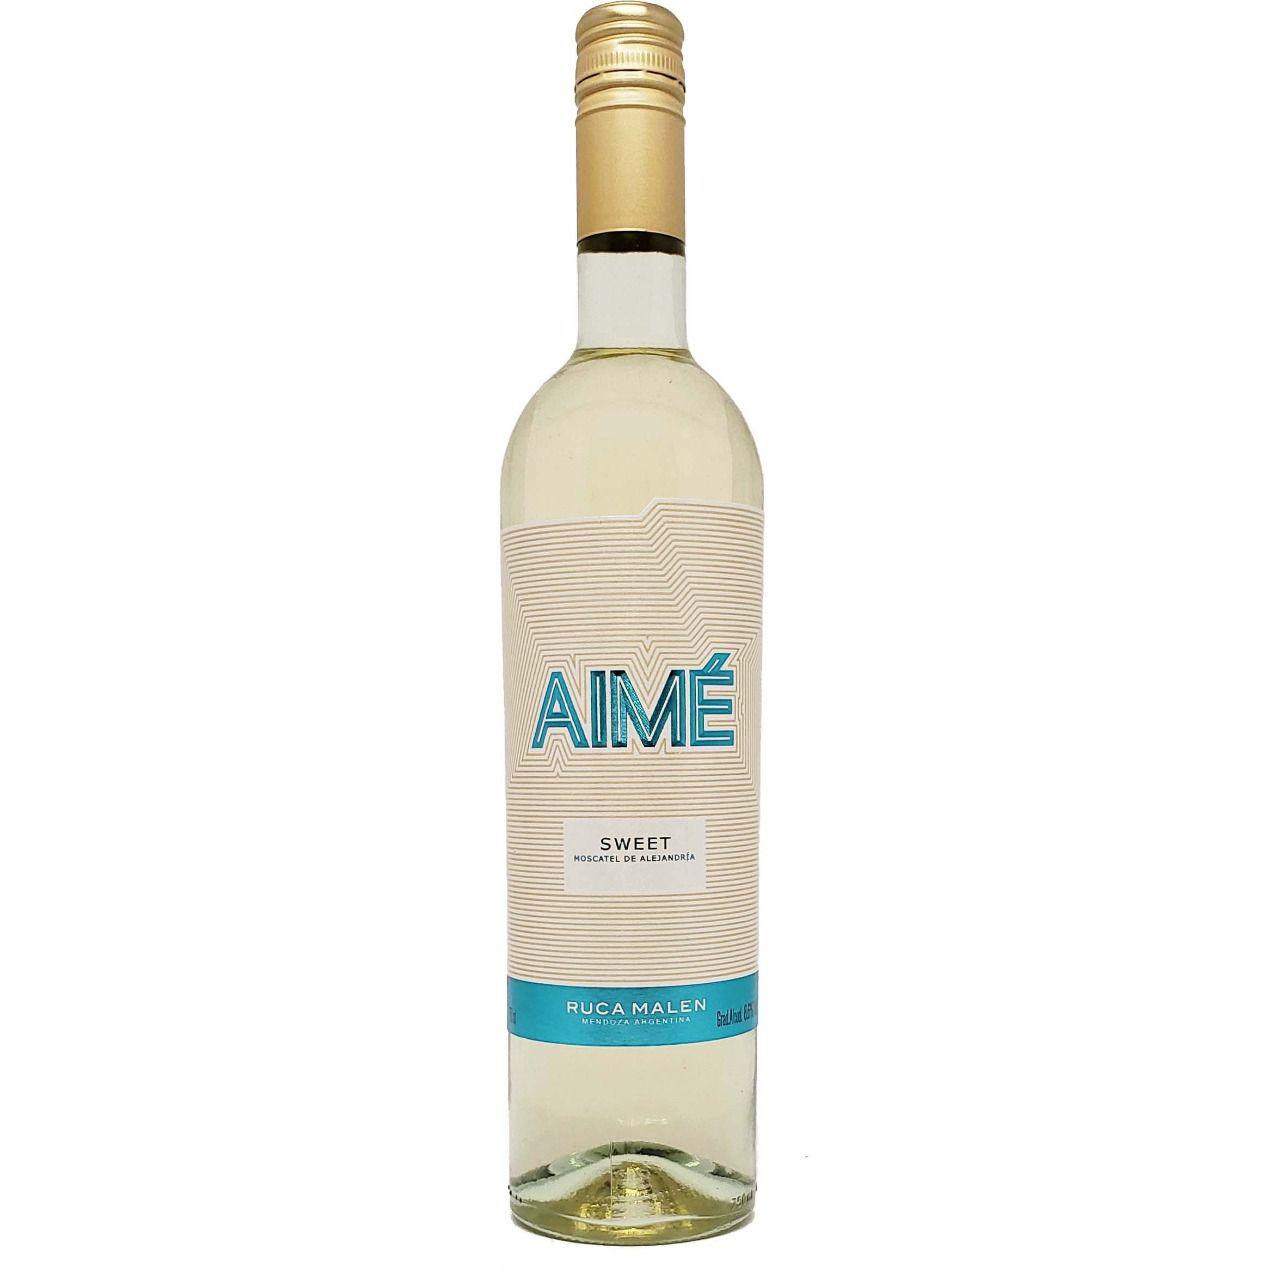 Vinho Branco Aimé Ruca Malen Sweet - 750ml -